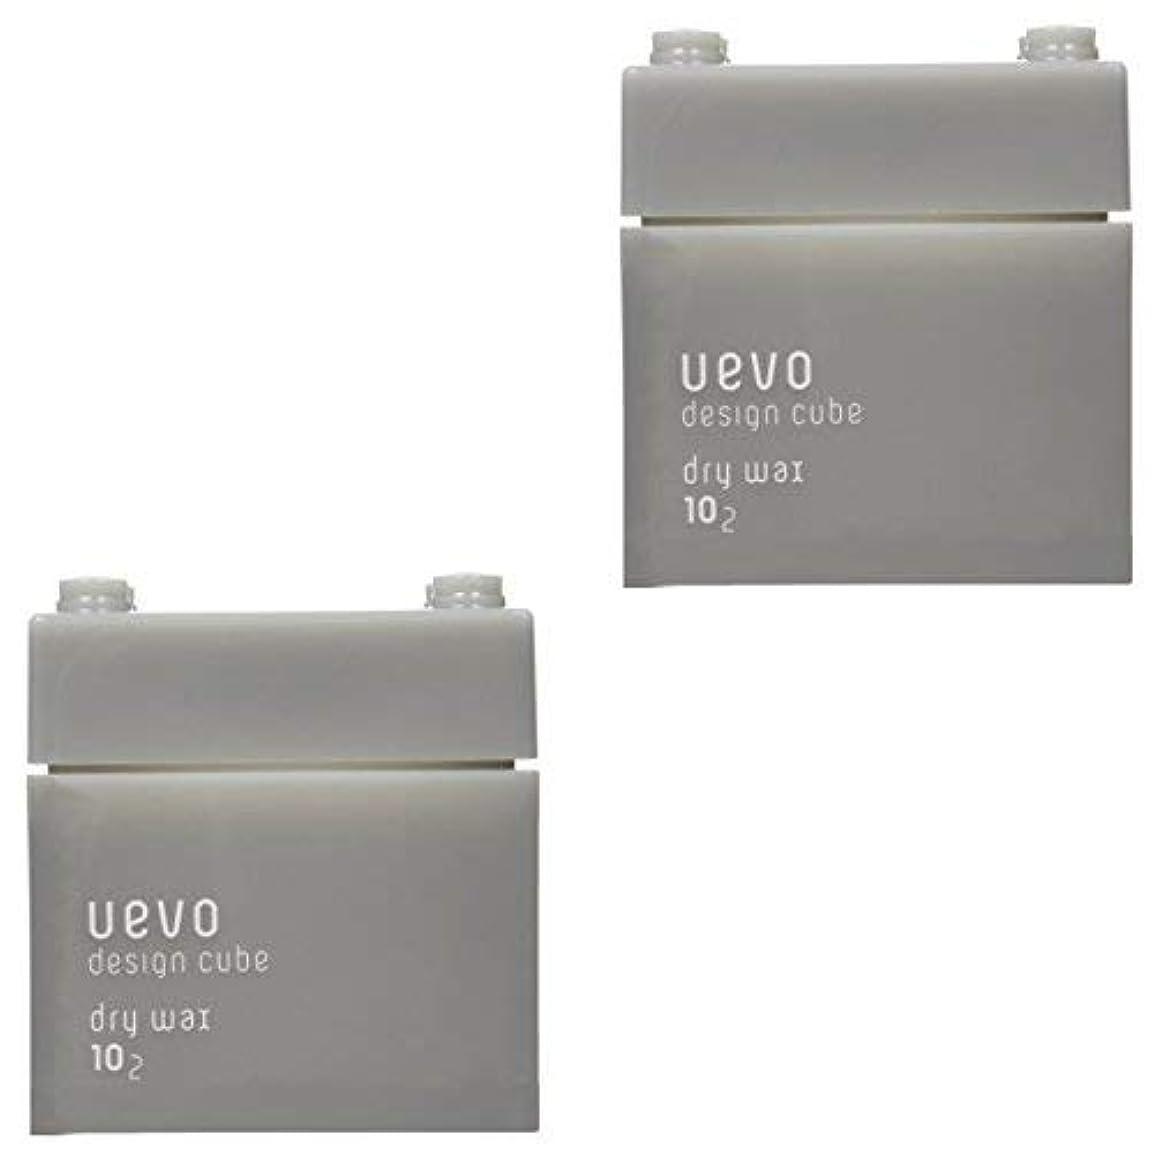 トロピカルロータリー馬鹿【X2個セット】 デミ ウェーボ デザインキューブ ドライワックス 80g dry wax DEMI uevo design cube